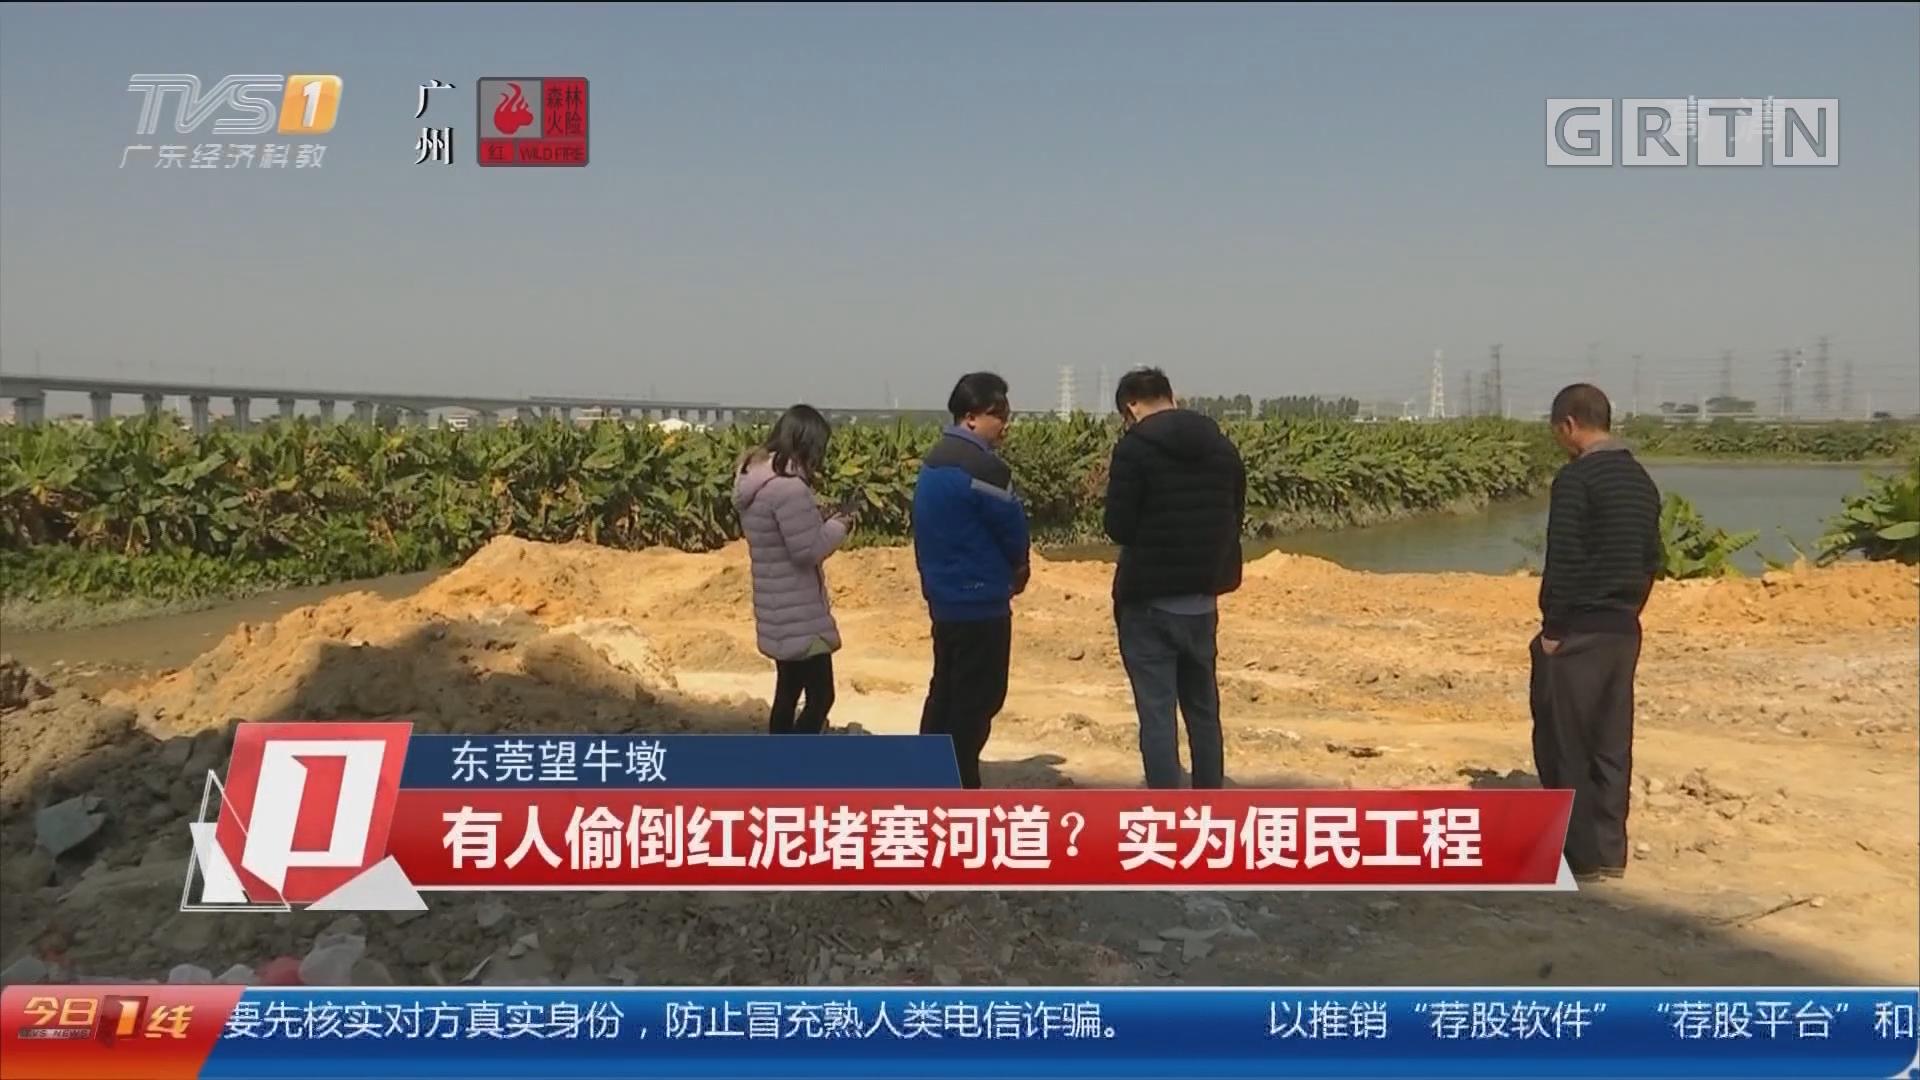 东莞望牛墩:有人偷倒红泥堵塞河道?实为便民工程